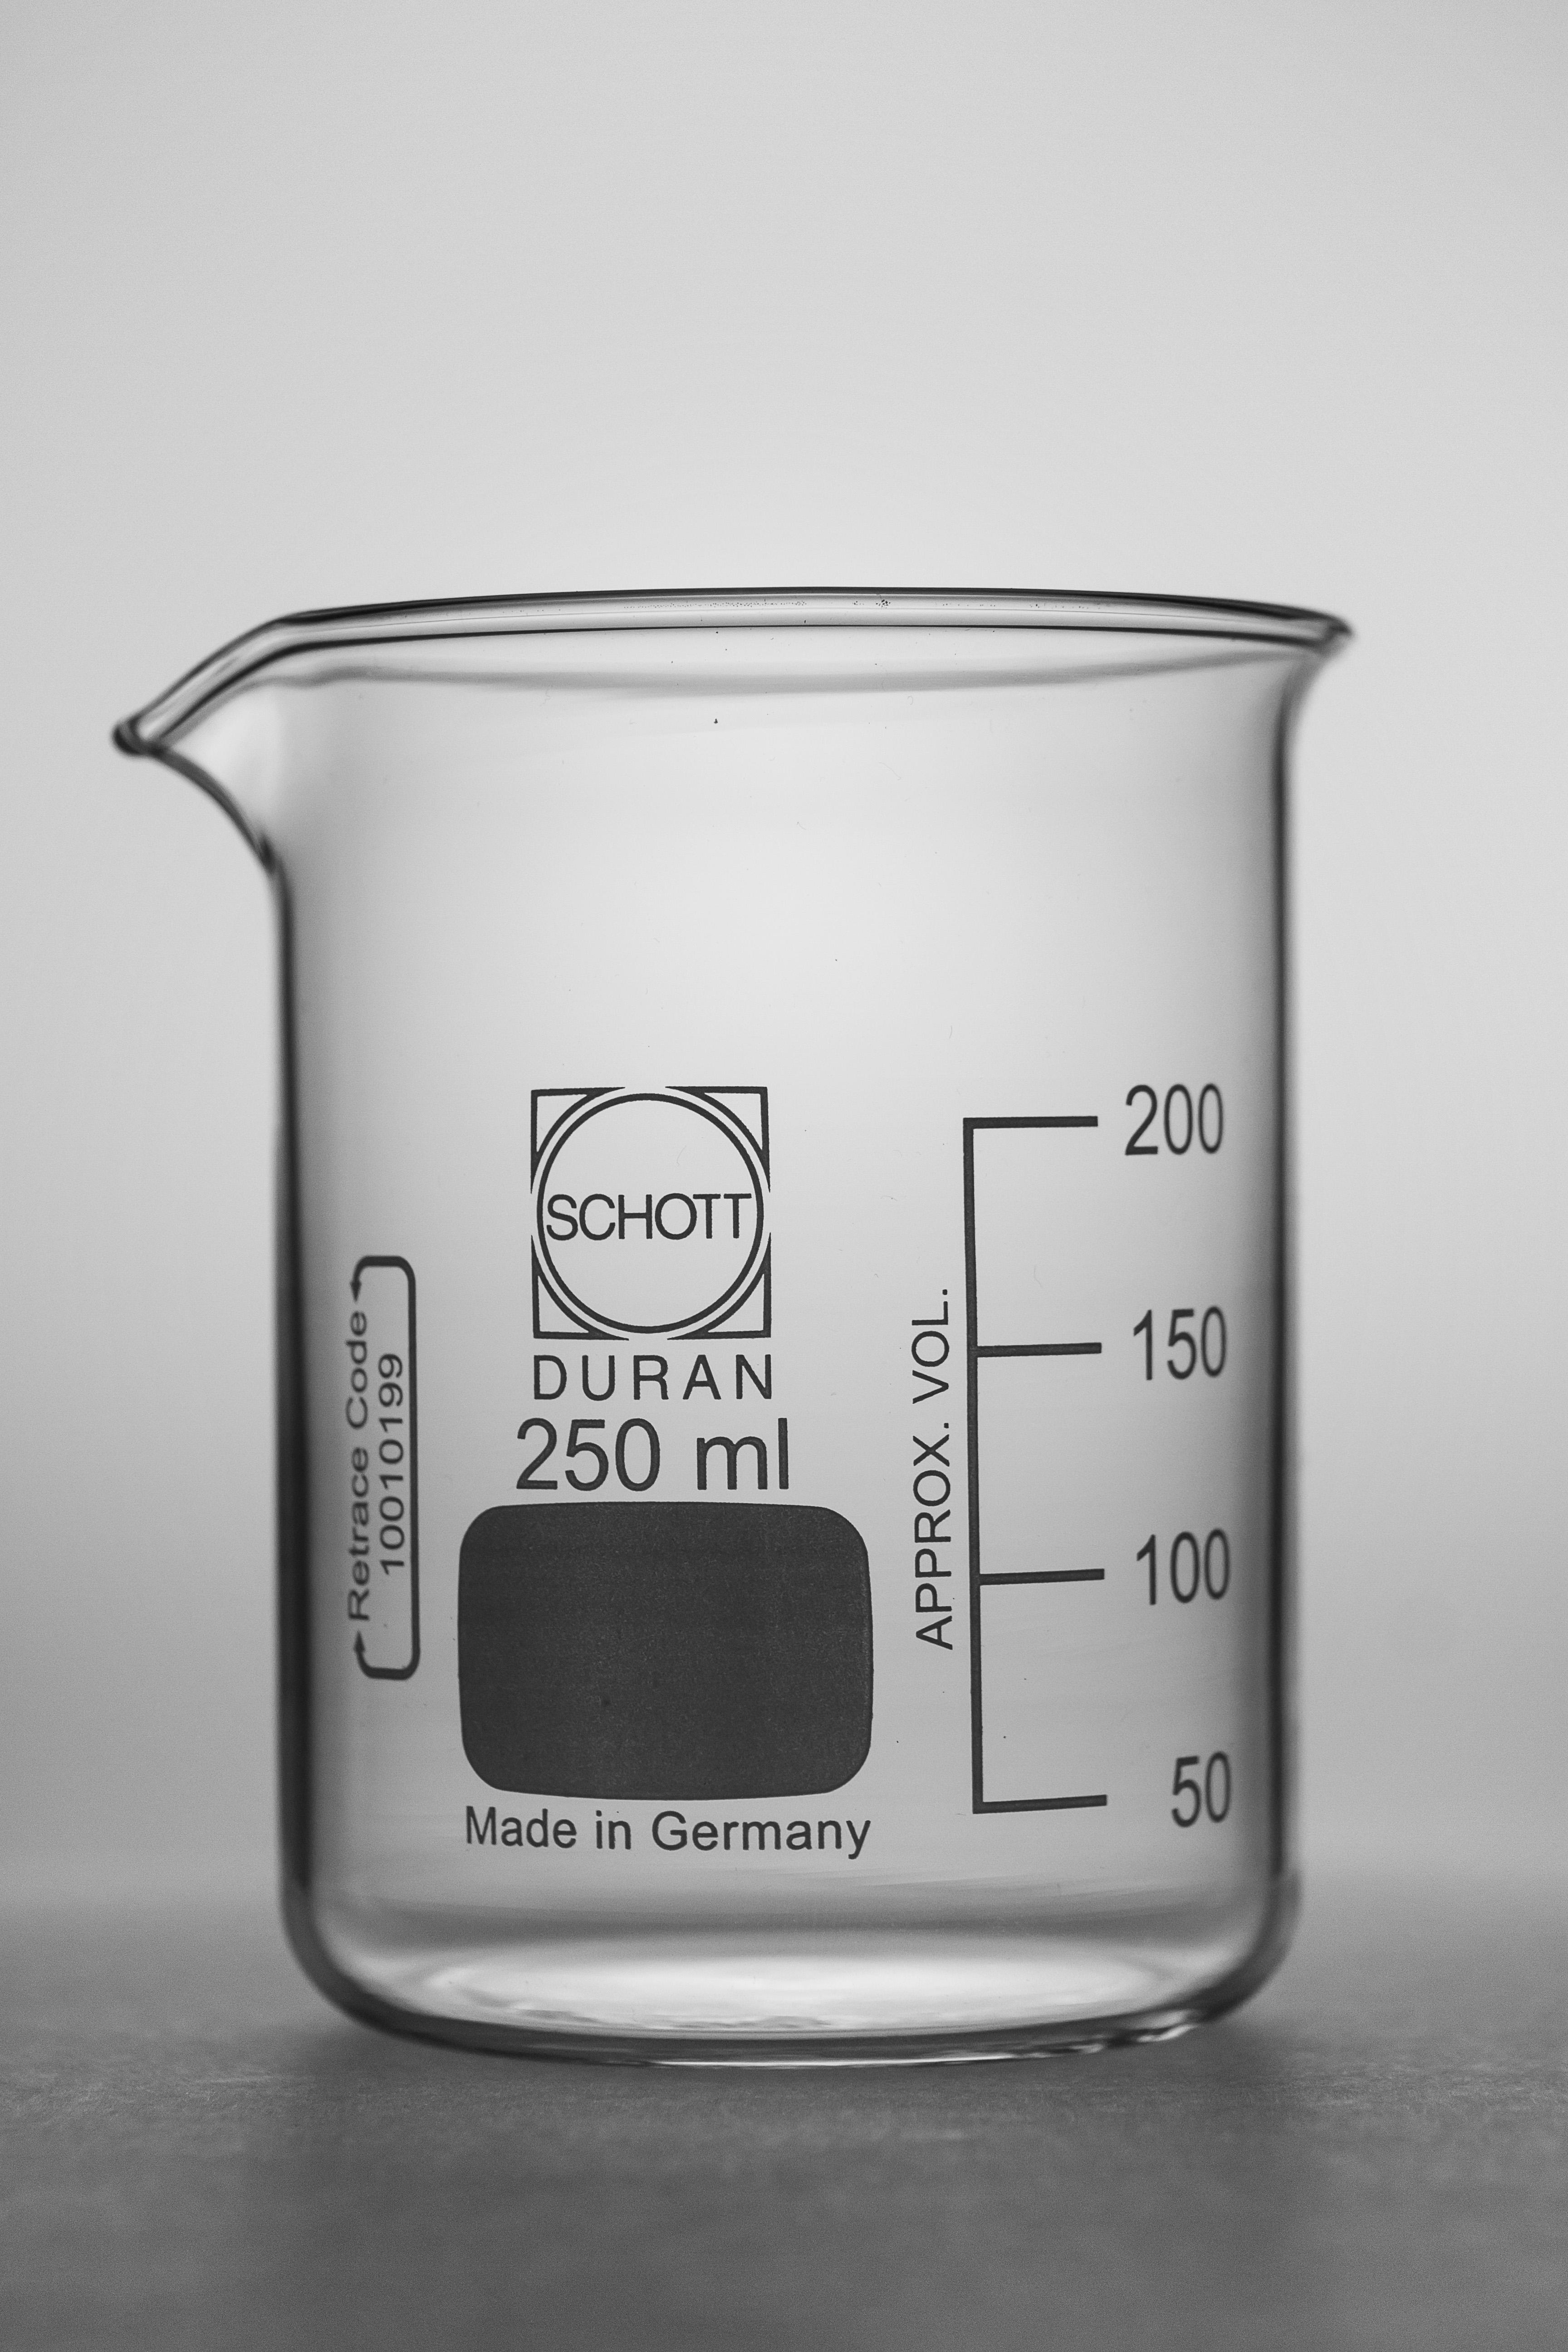 Ml Glass Beaker Price